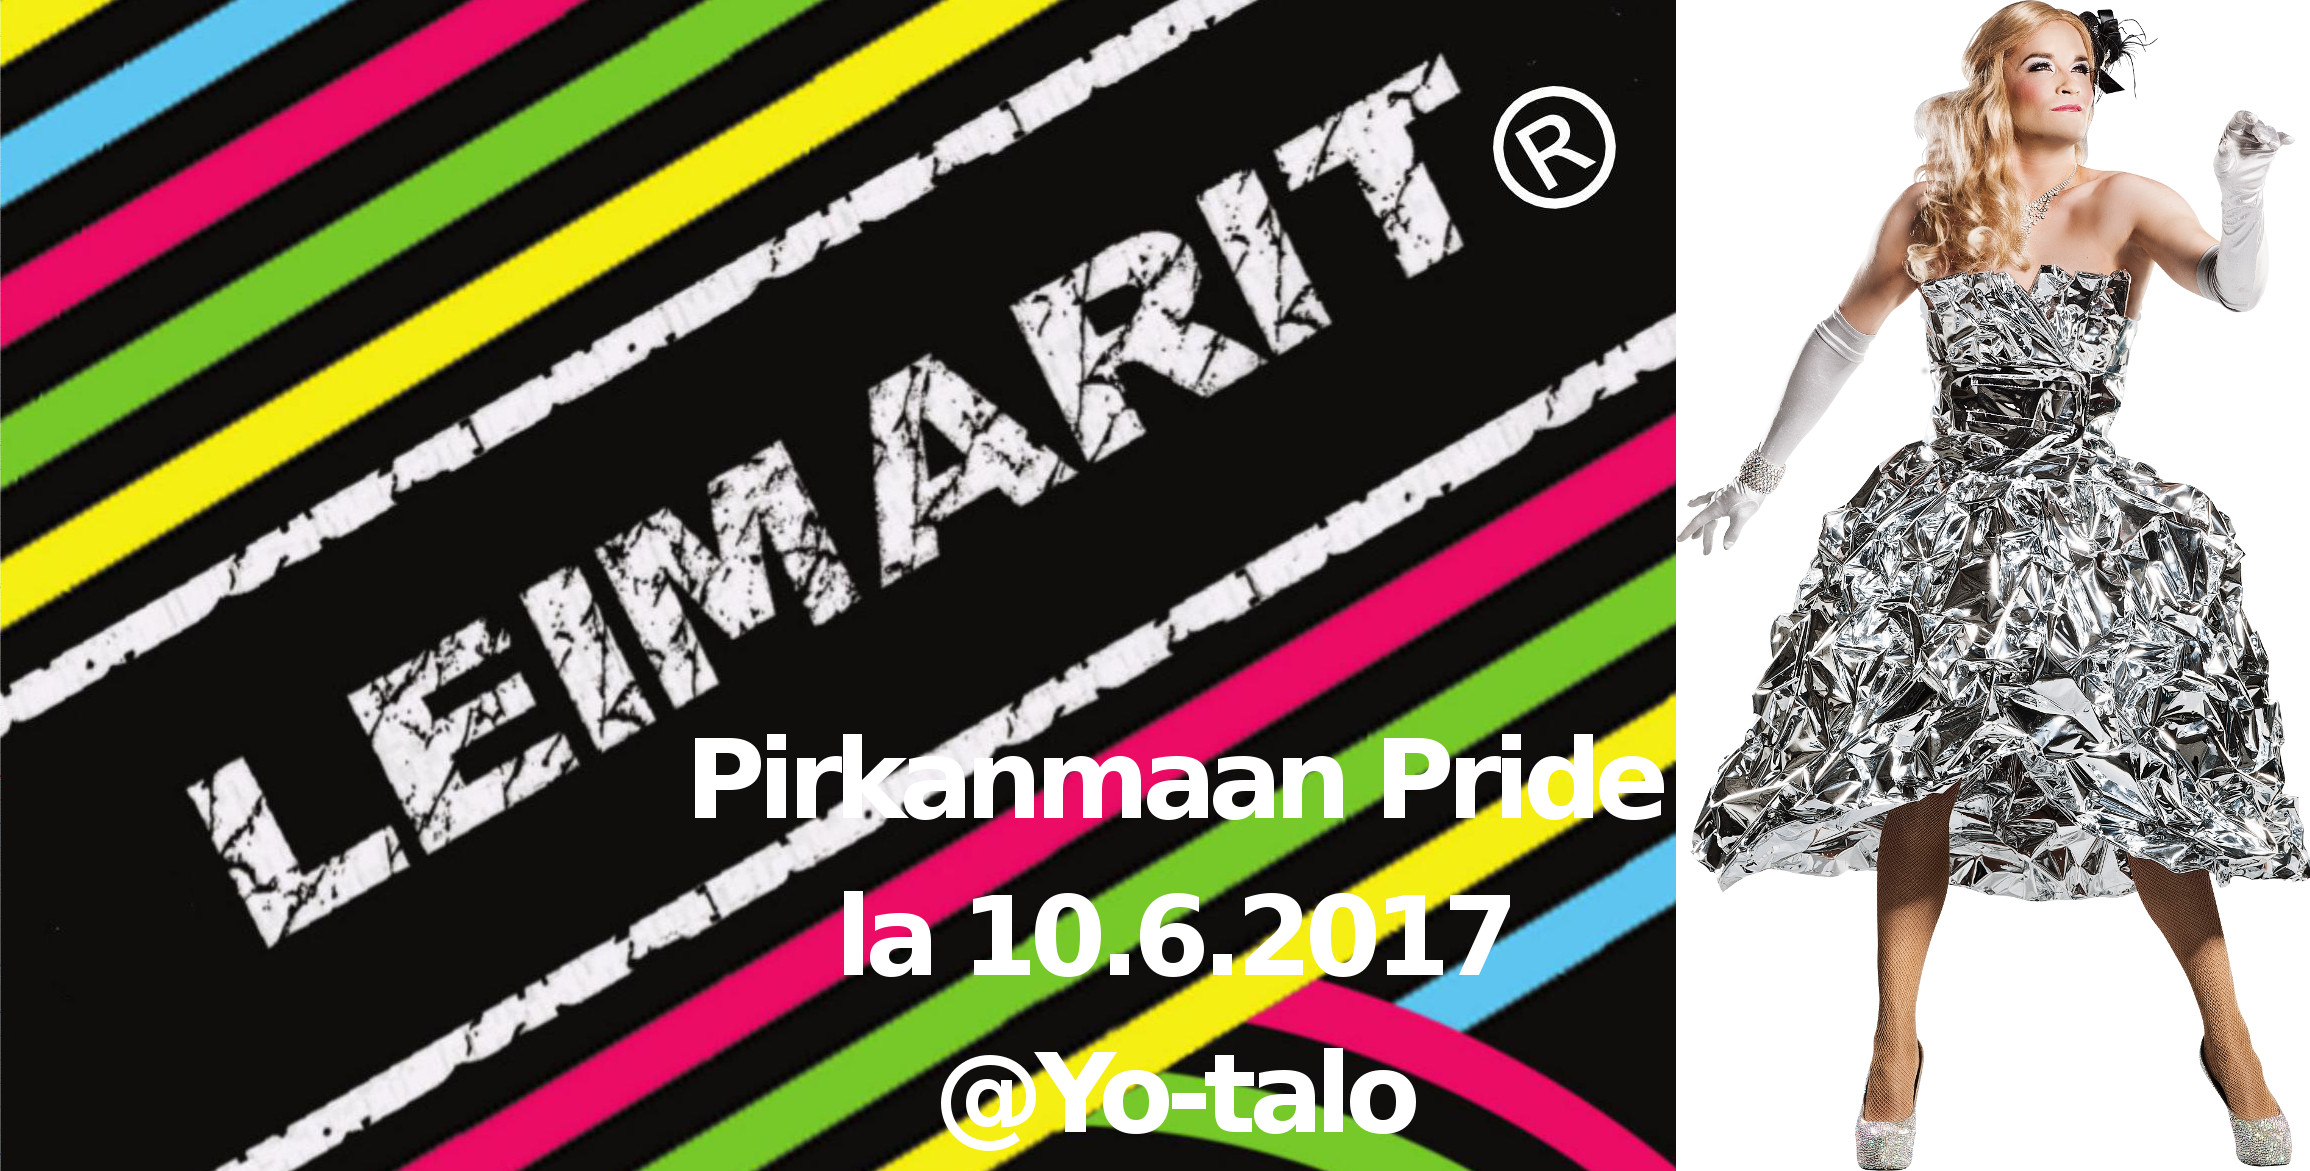 Pirkanmaan Pride -Leimarit® la 10.6.2017